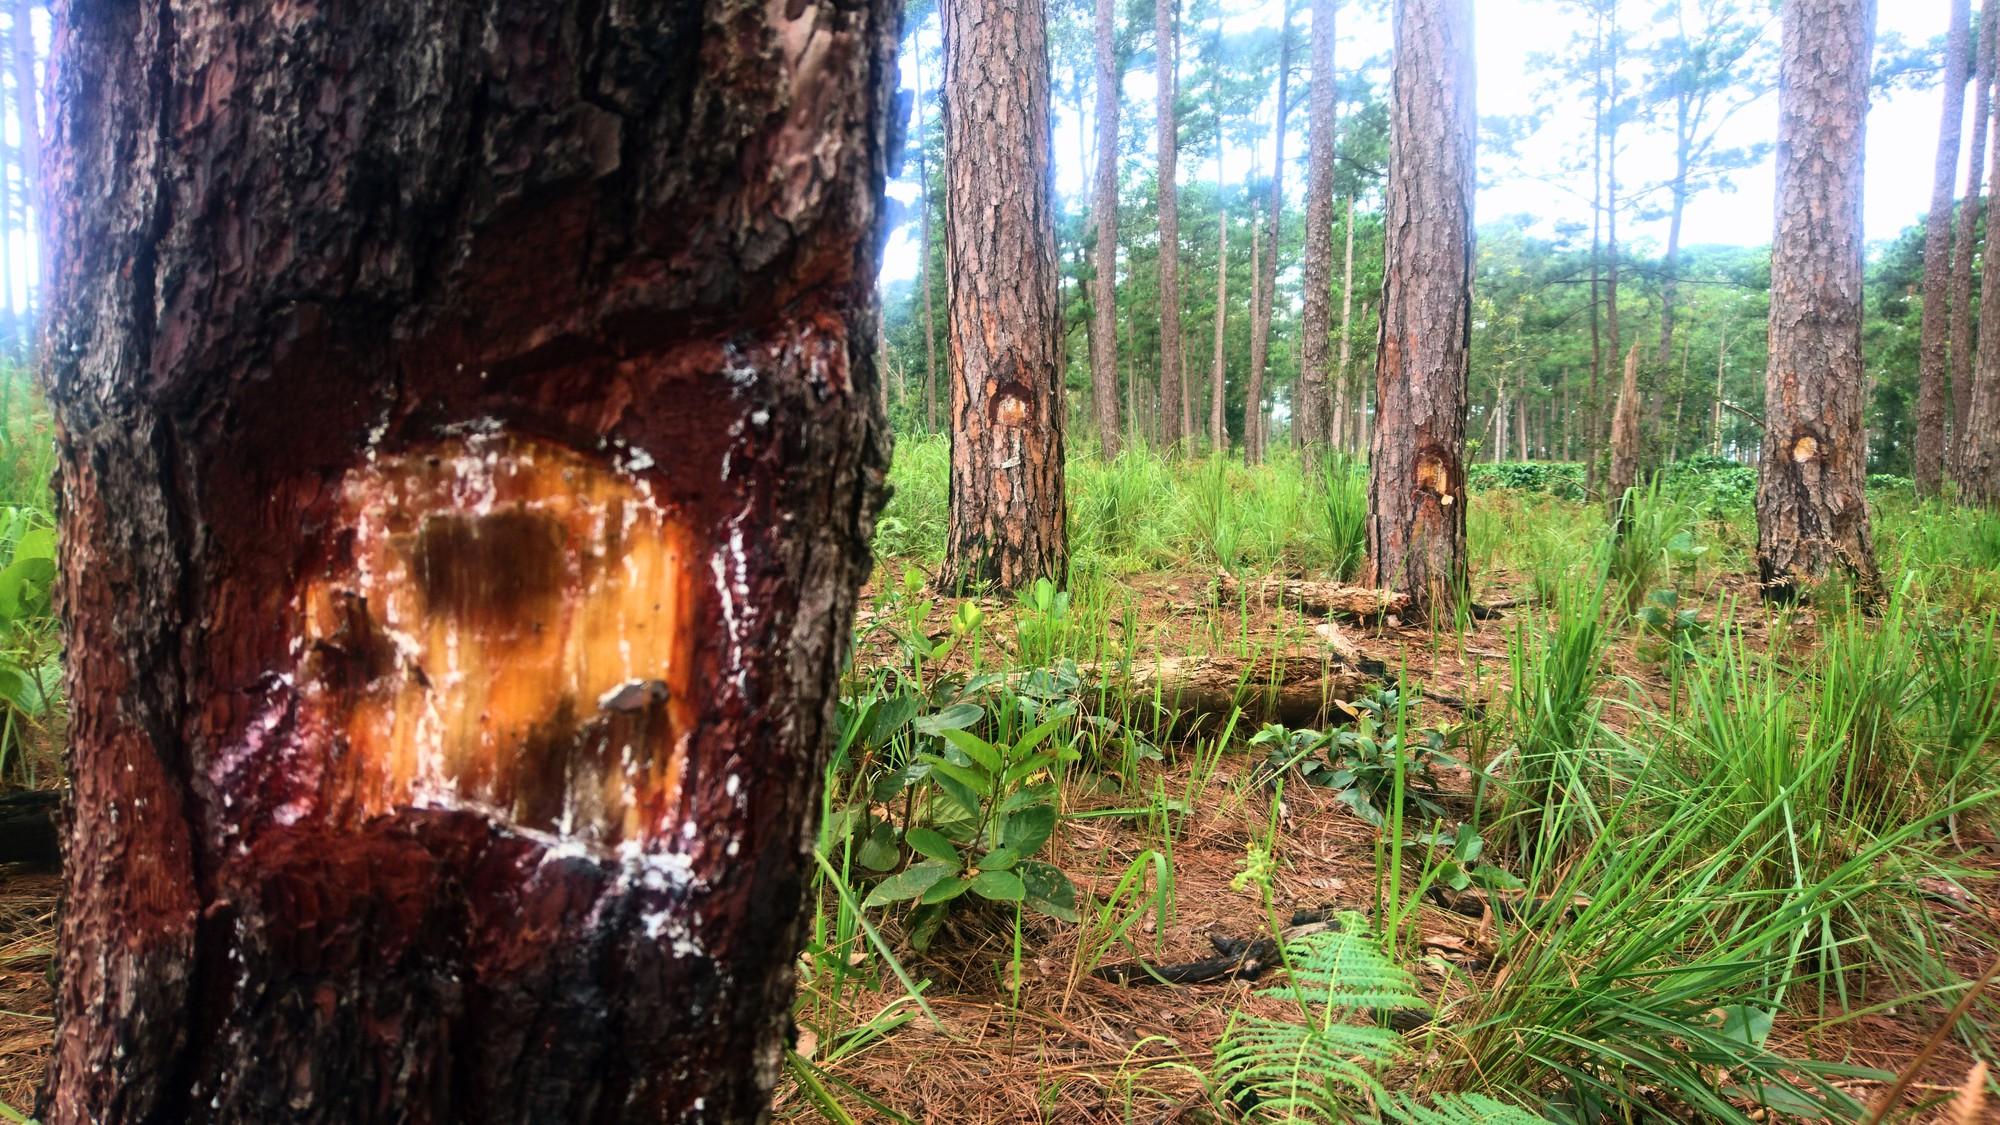 Lâm Đồng: Hơn 70 cây thông 3 lá tự nhiên bị ken gốc đổ hóa chất - Ảnh 4.